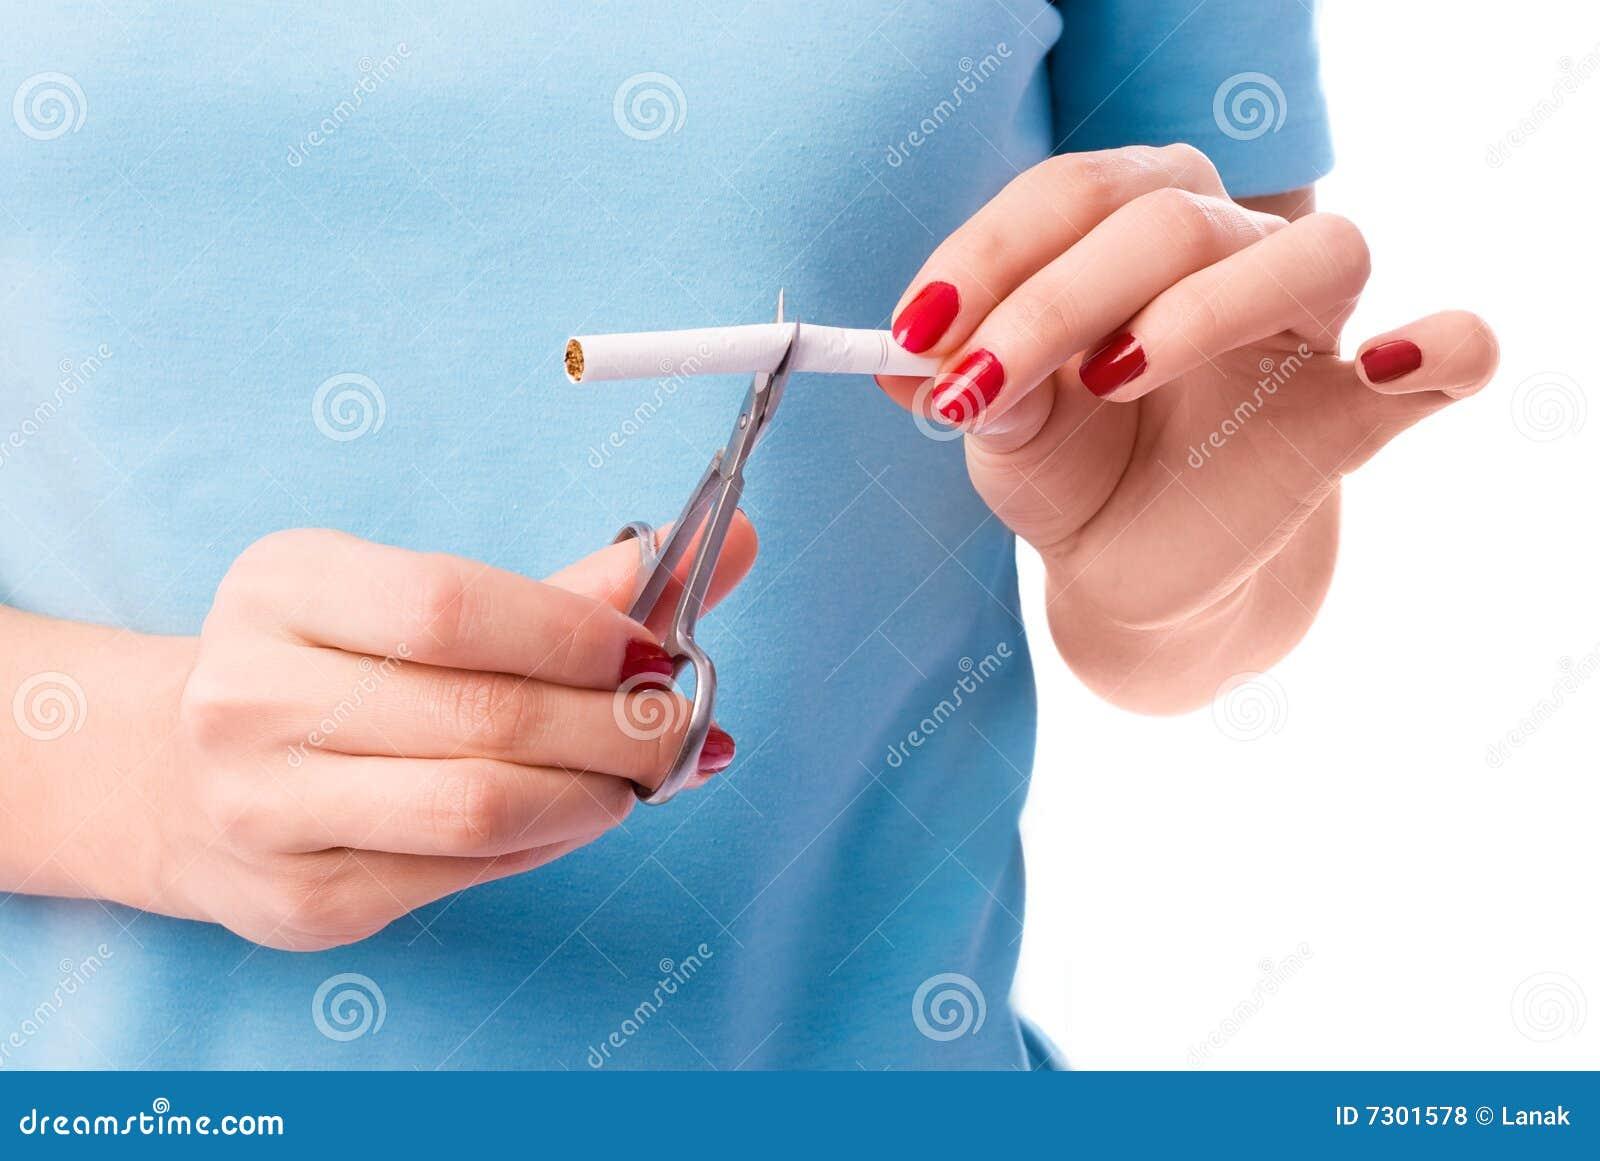 La donna taglia una sigaretta con le forbici